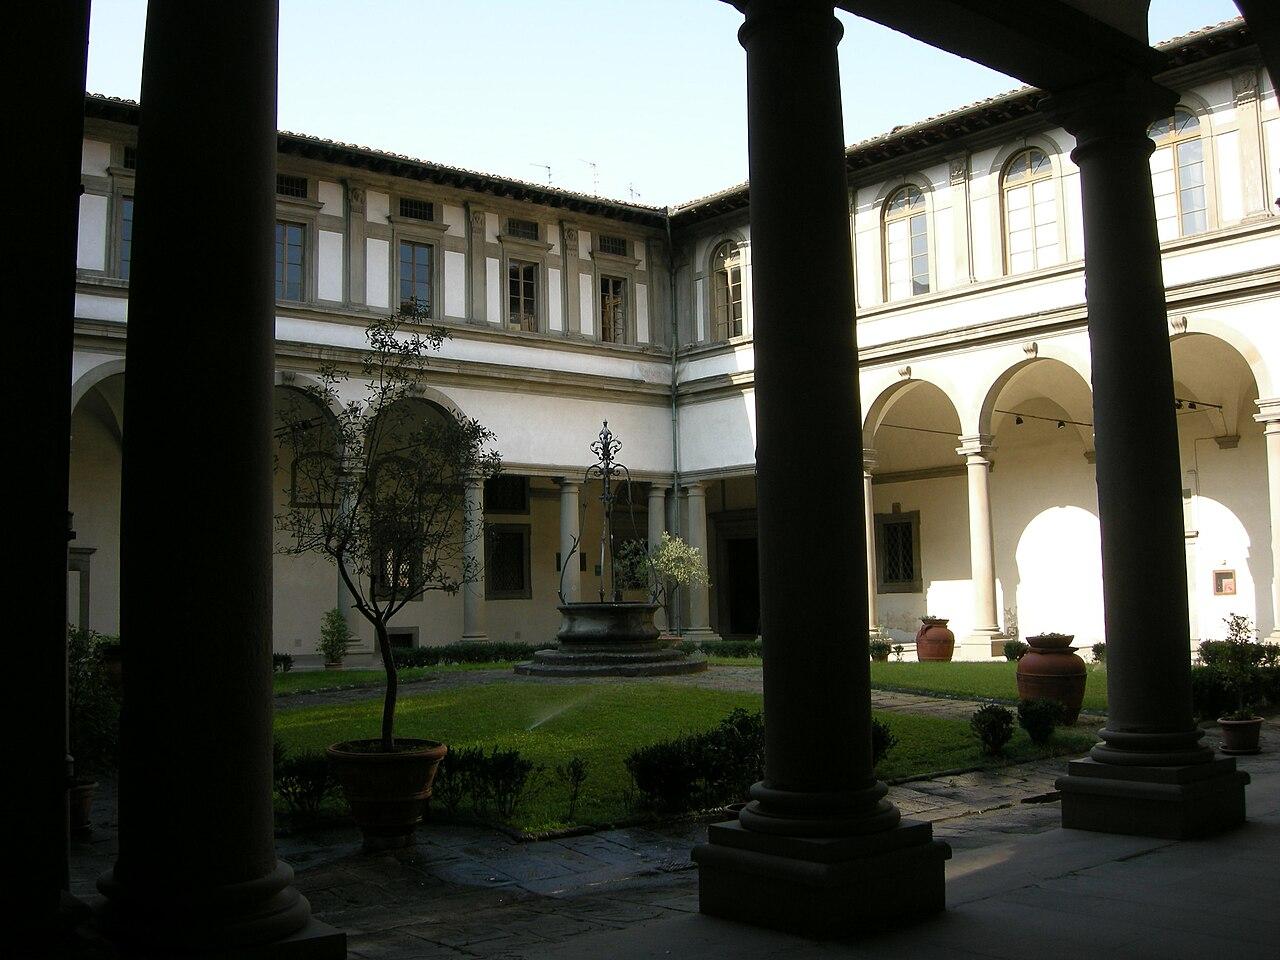 Chiostro Grande dell'Ammannati, Basilica Santa Maria del Santo Spirito, Florence